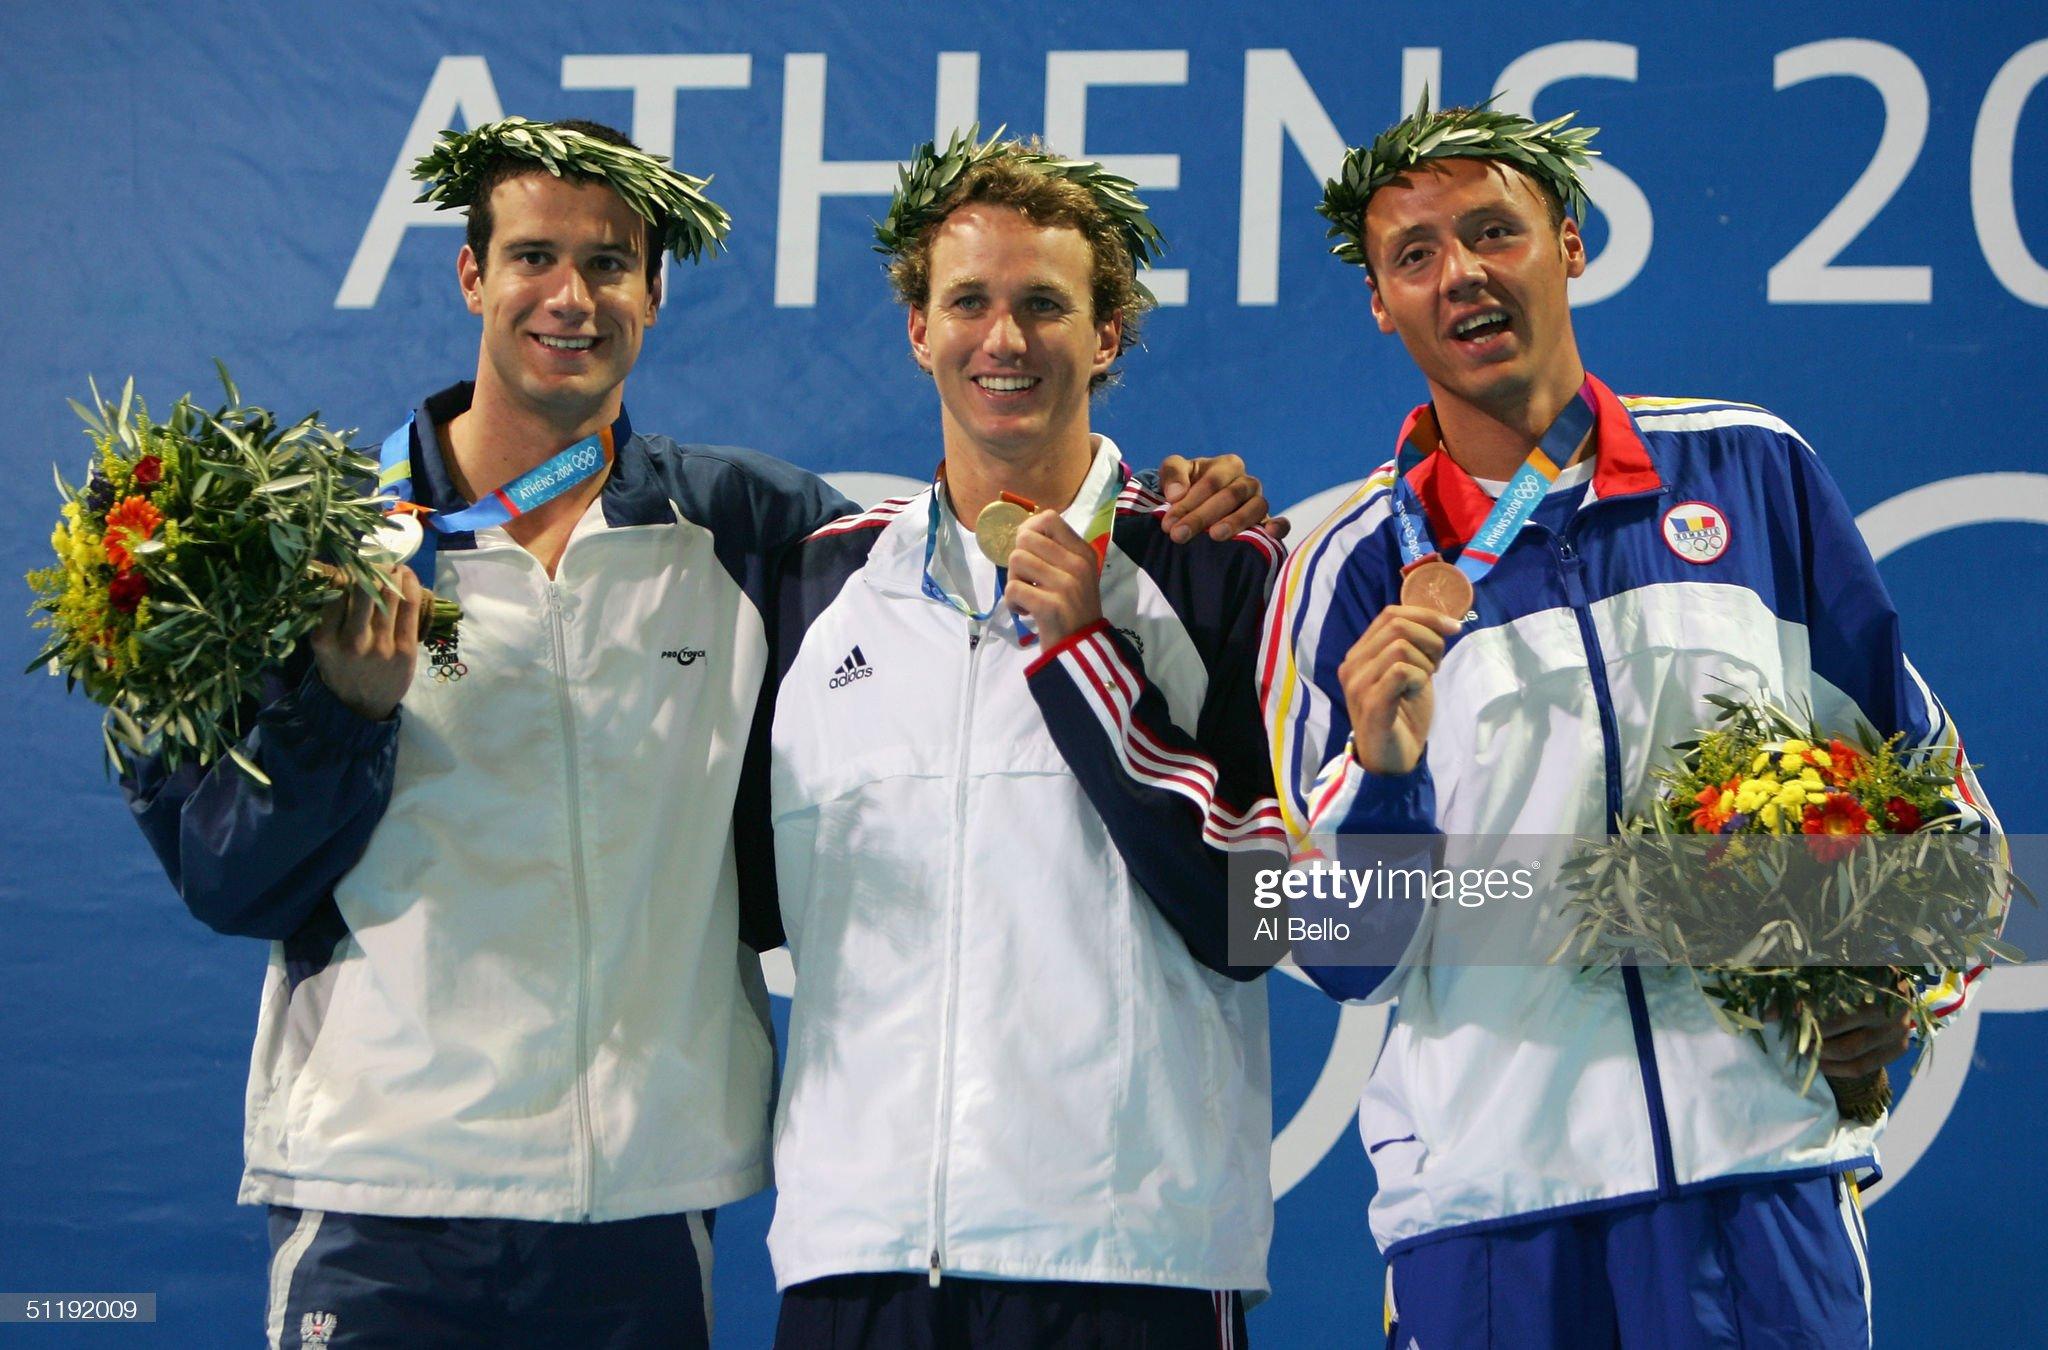 Mens 200m Backstroke Medal Ceremony : Fotografía de noticias